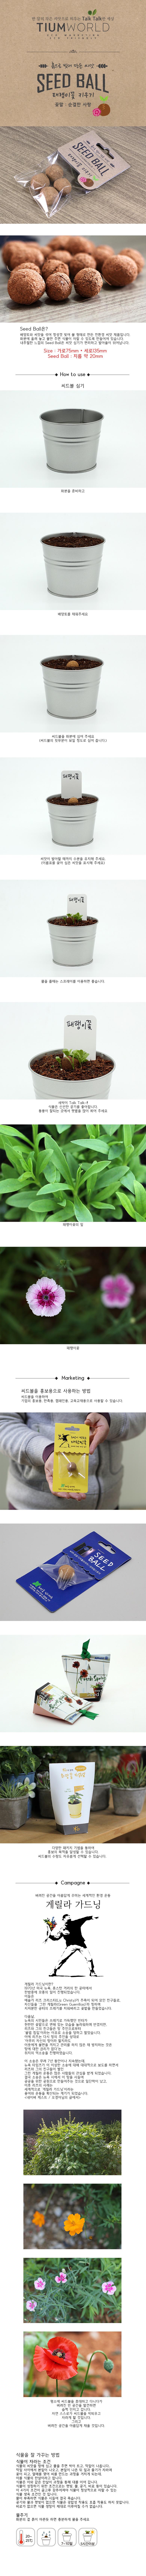 씨드볼-패랭이꽃 - 틔움세상, 2,000원, 새싹/모종키우기, 씨앗